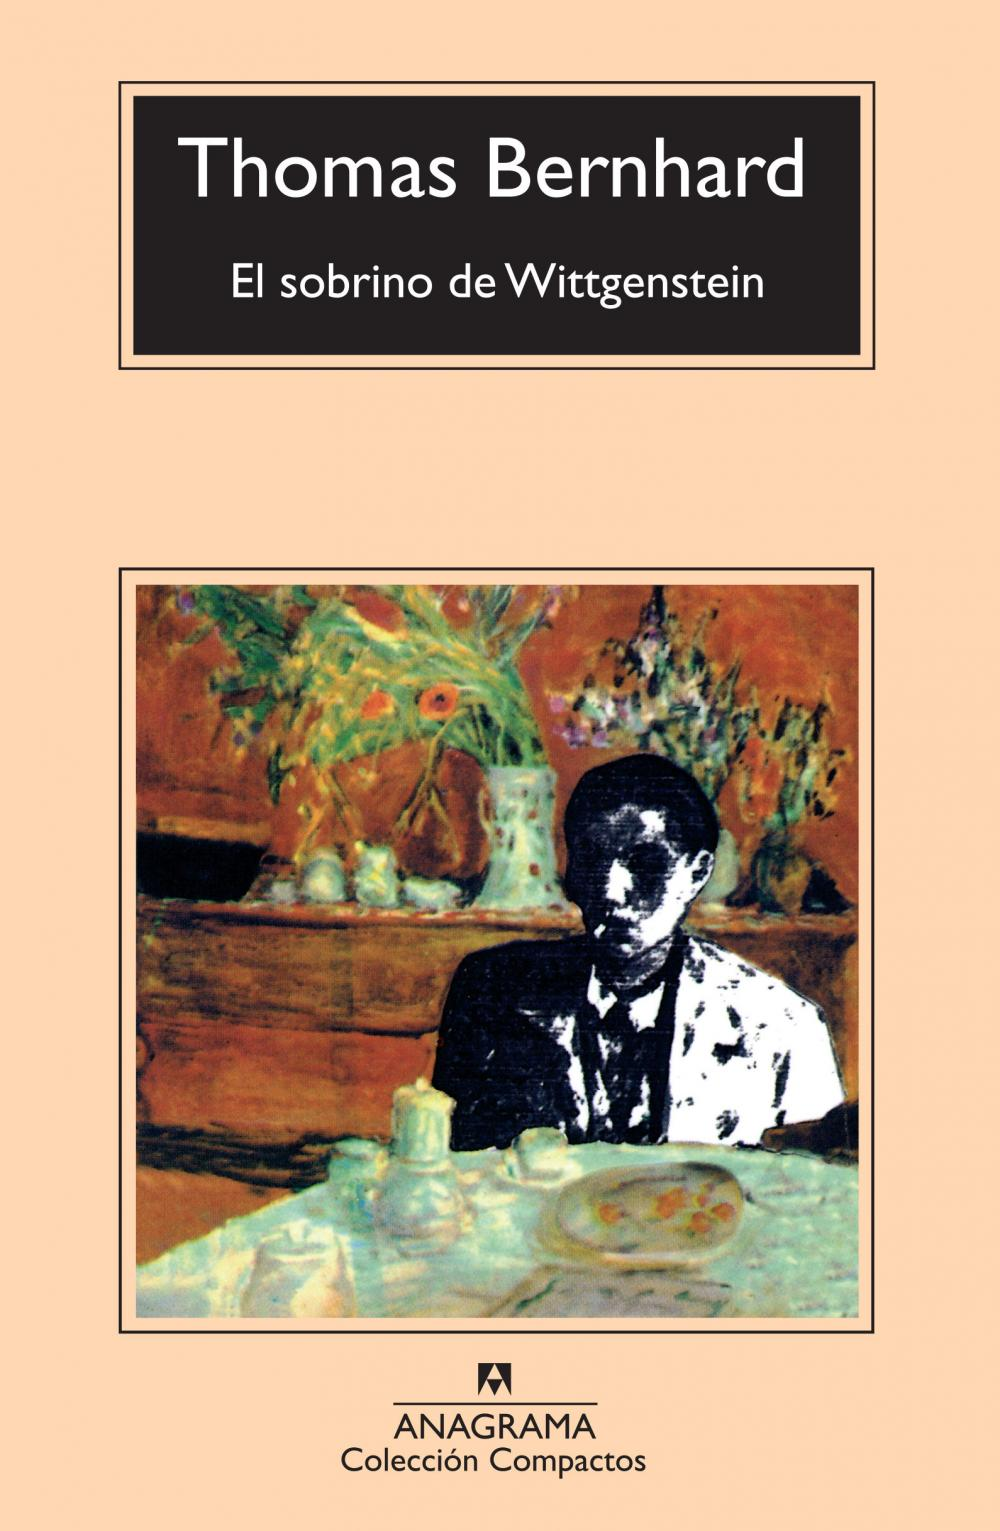 El sobrino de Wittgenstein